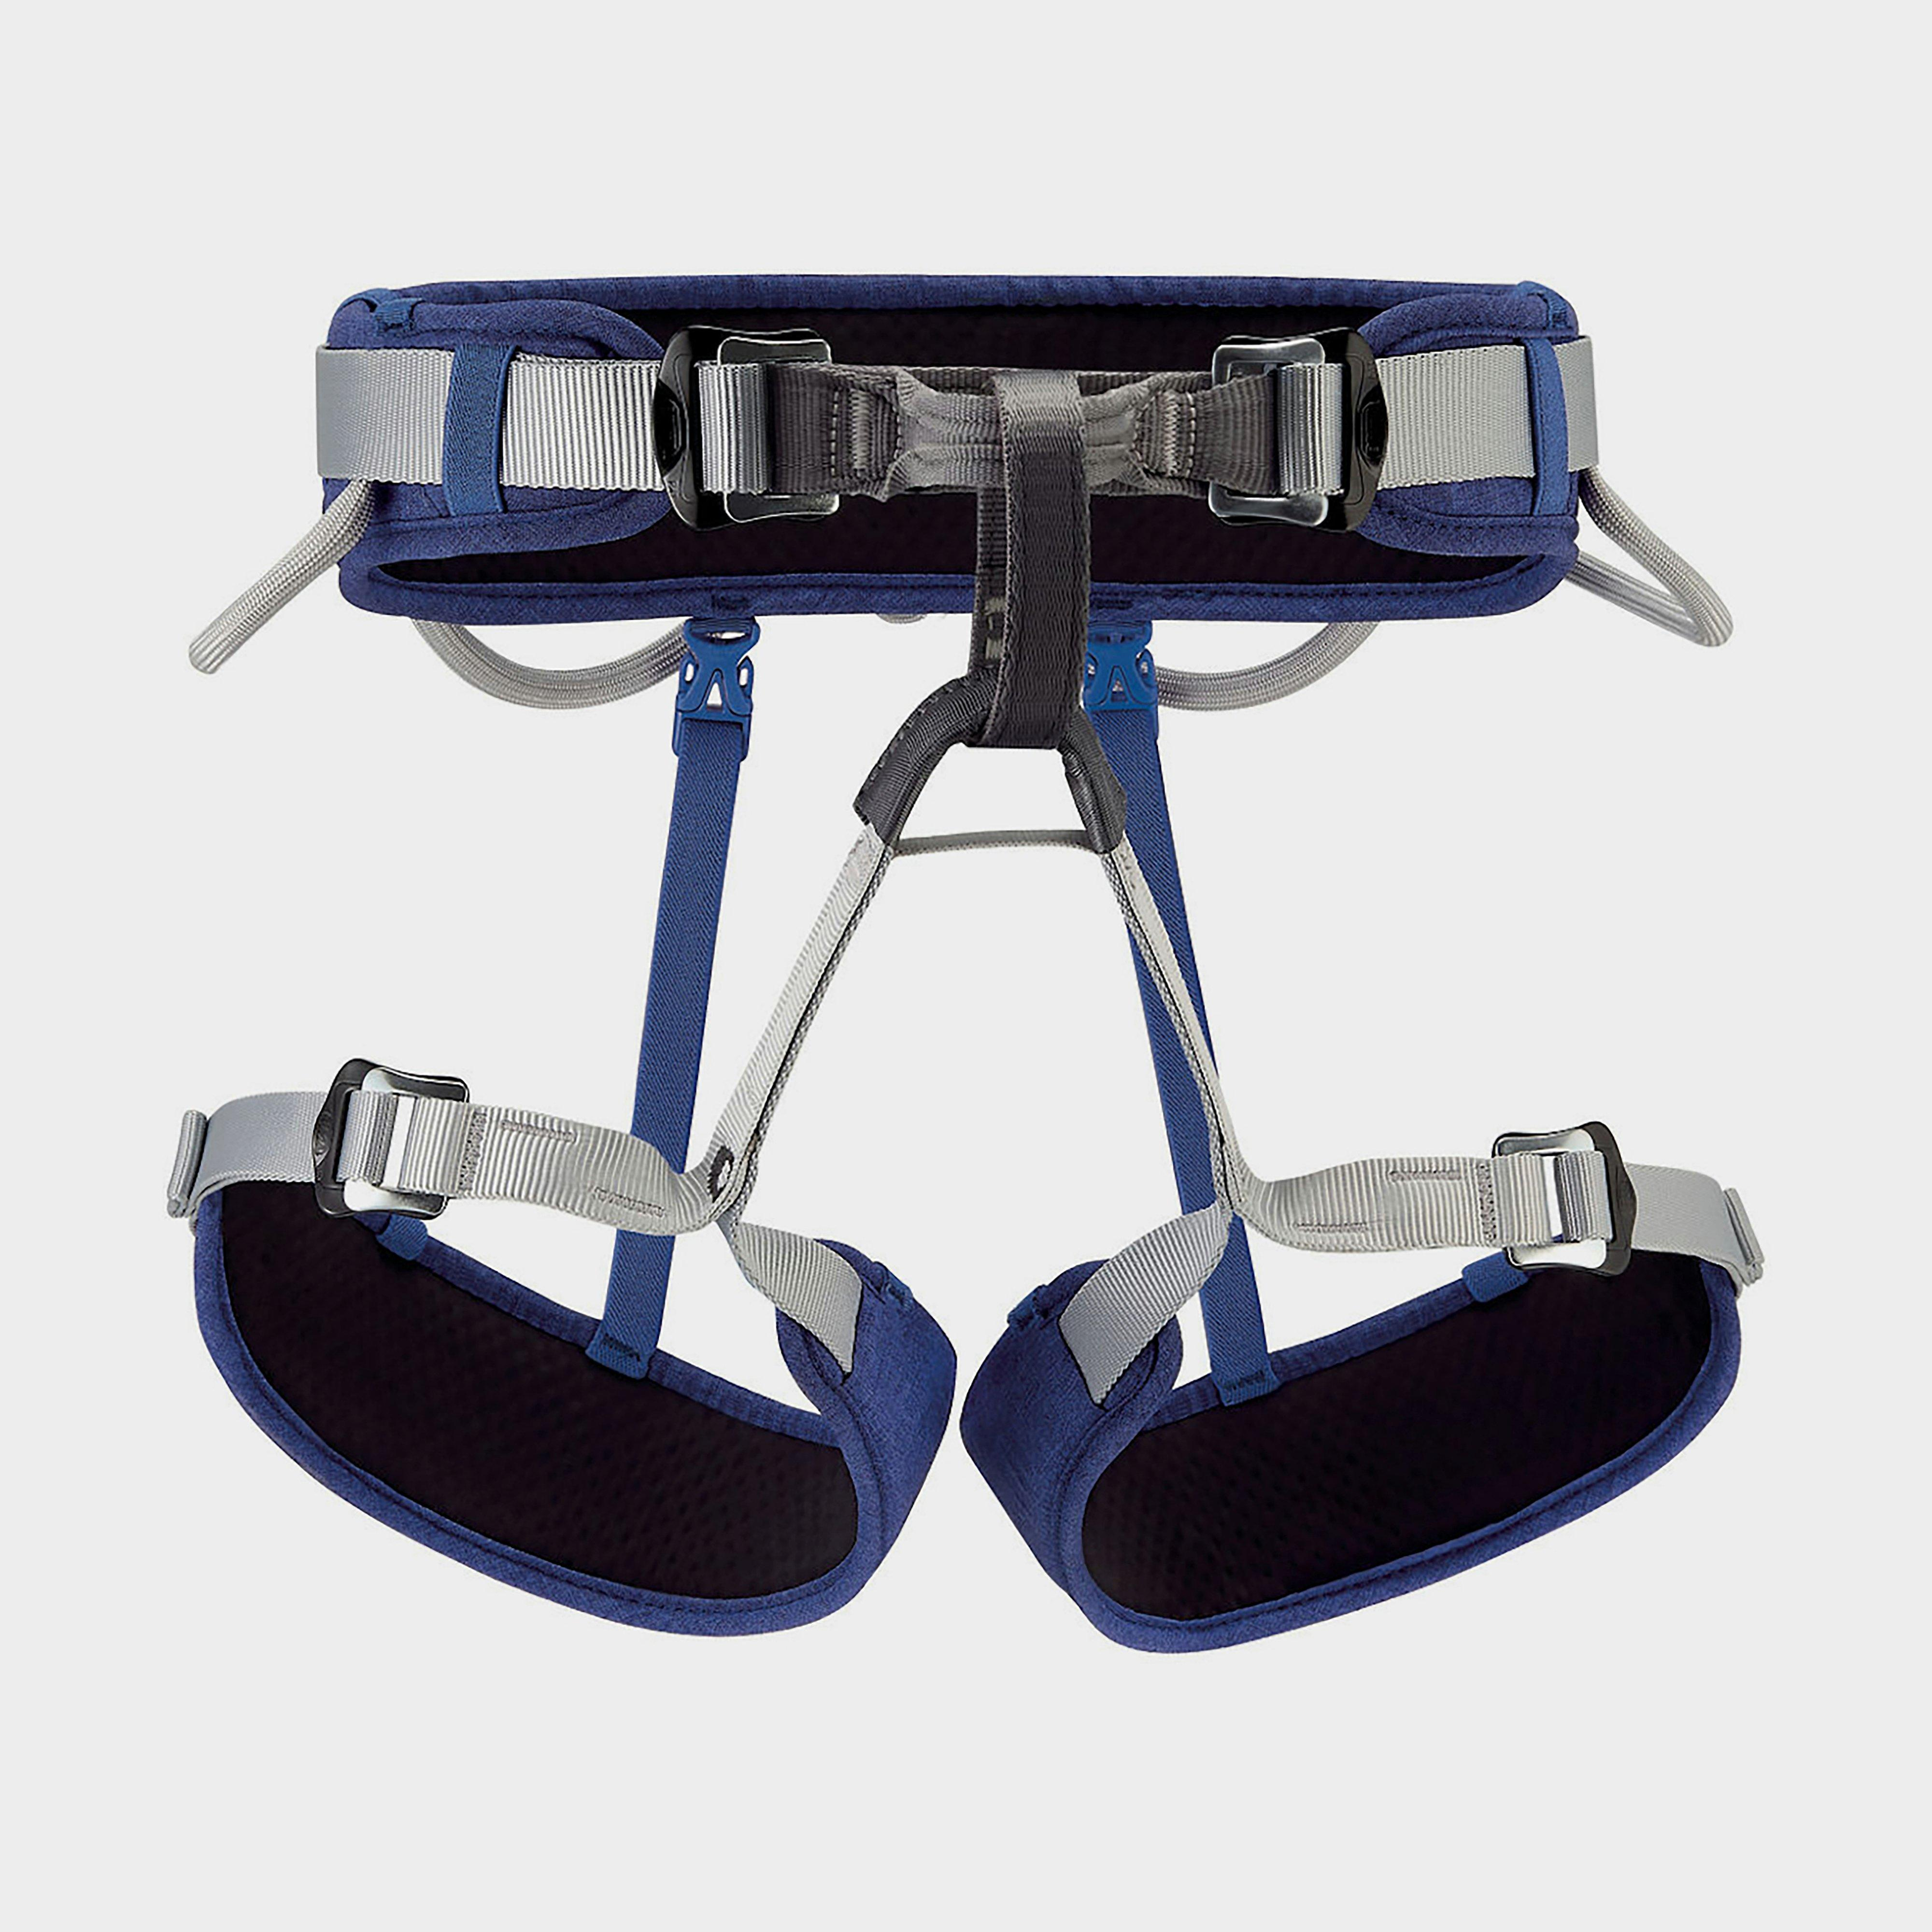 Petzl Corax Harness - Blue, Blue